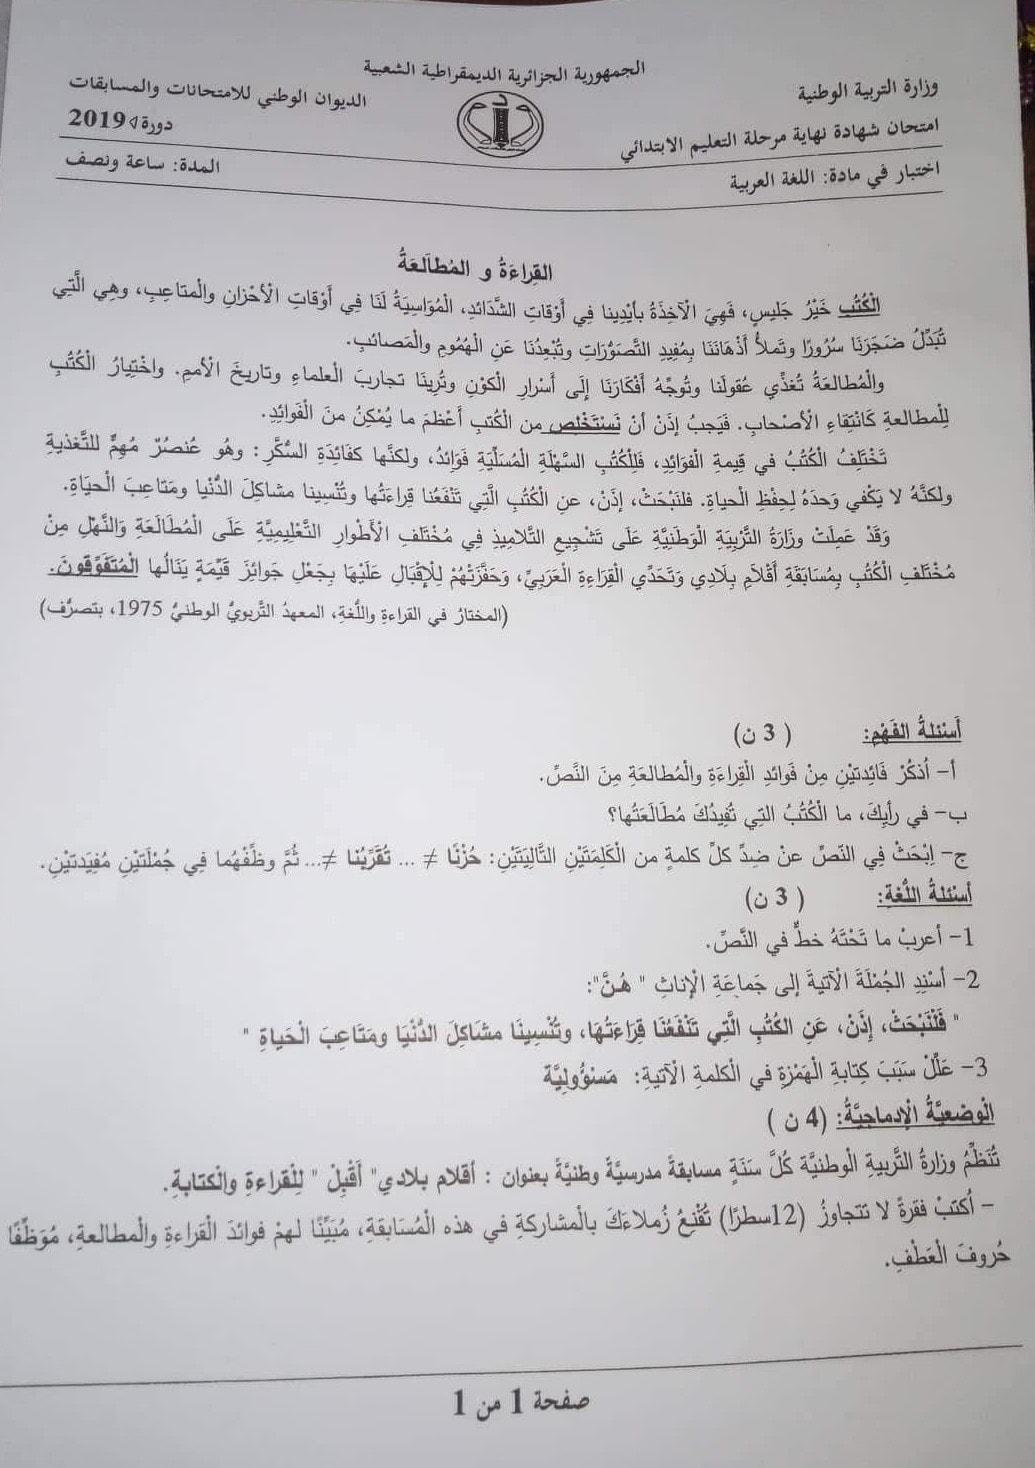 موضوع مادة اللغة العربية شهادة التعليم الابتدائي 2019 الذي تم اجتيازه قبل قليل 5ap-math2019_orig